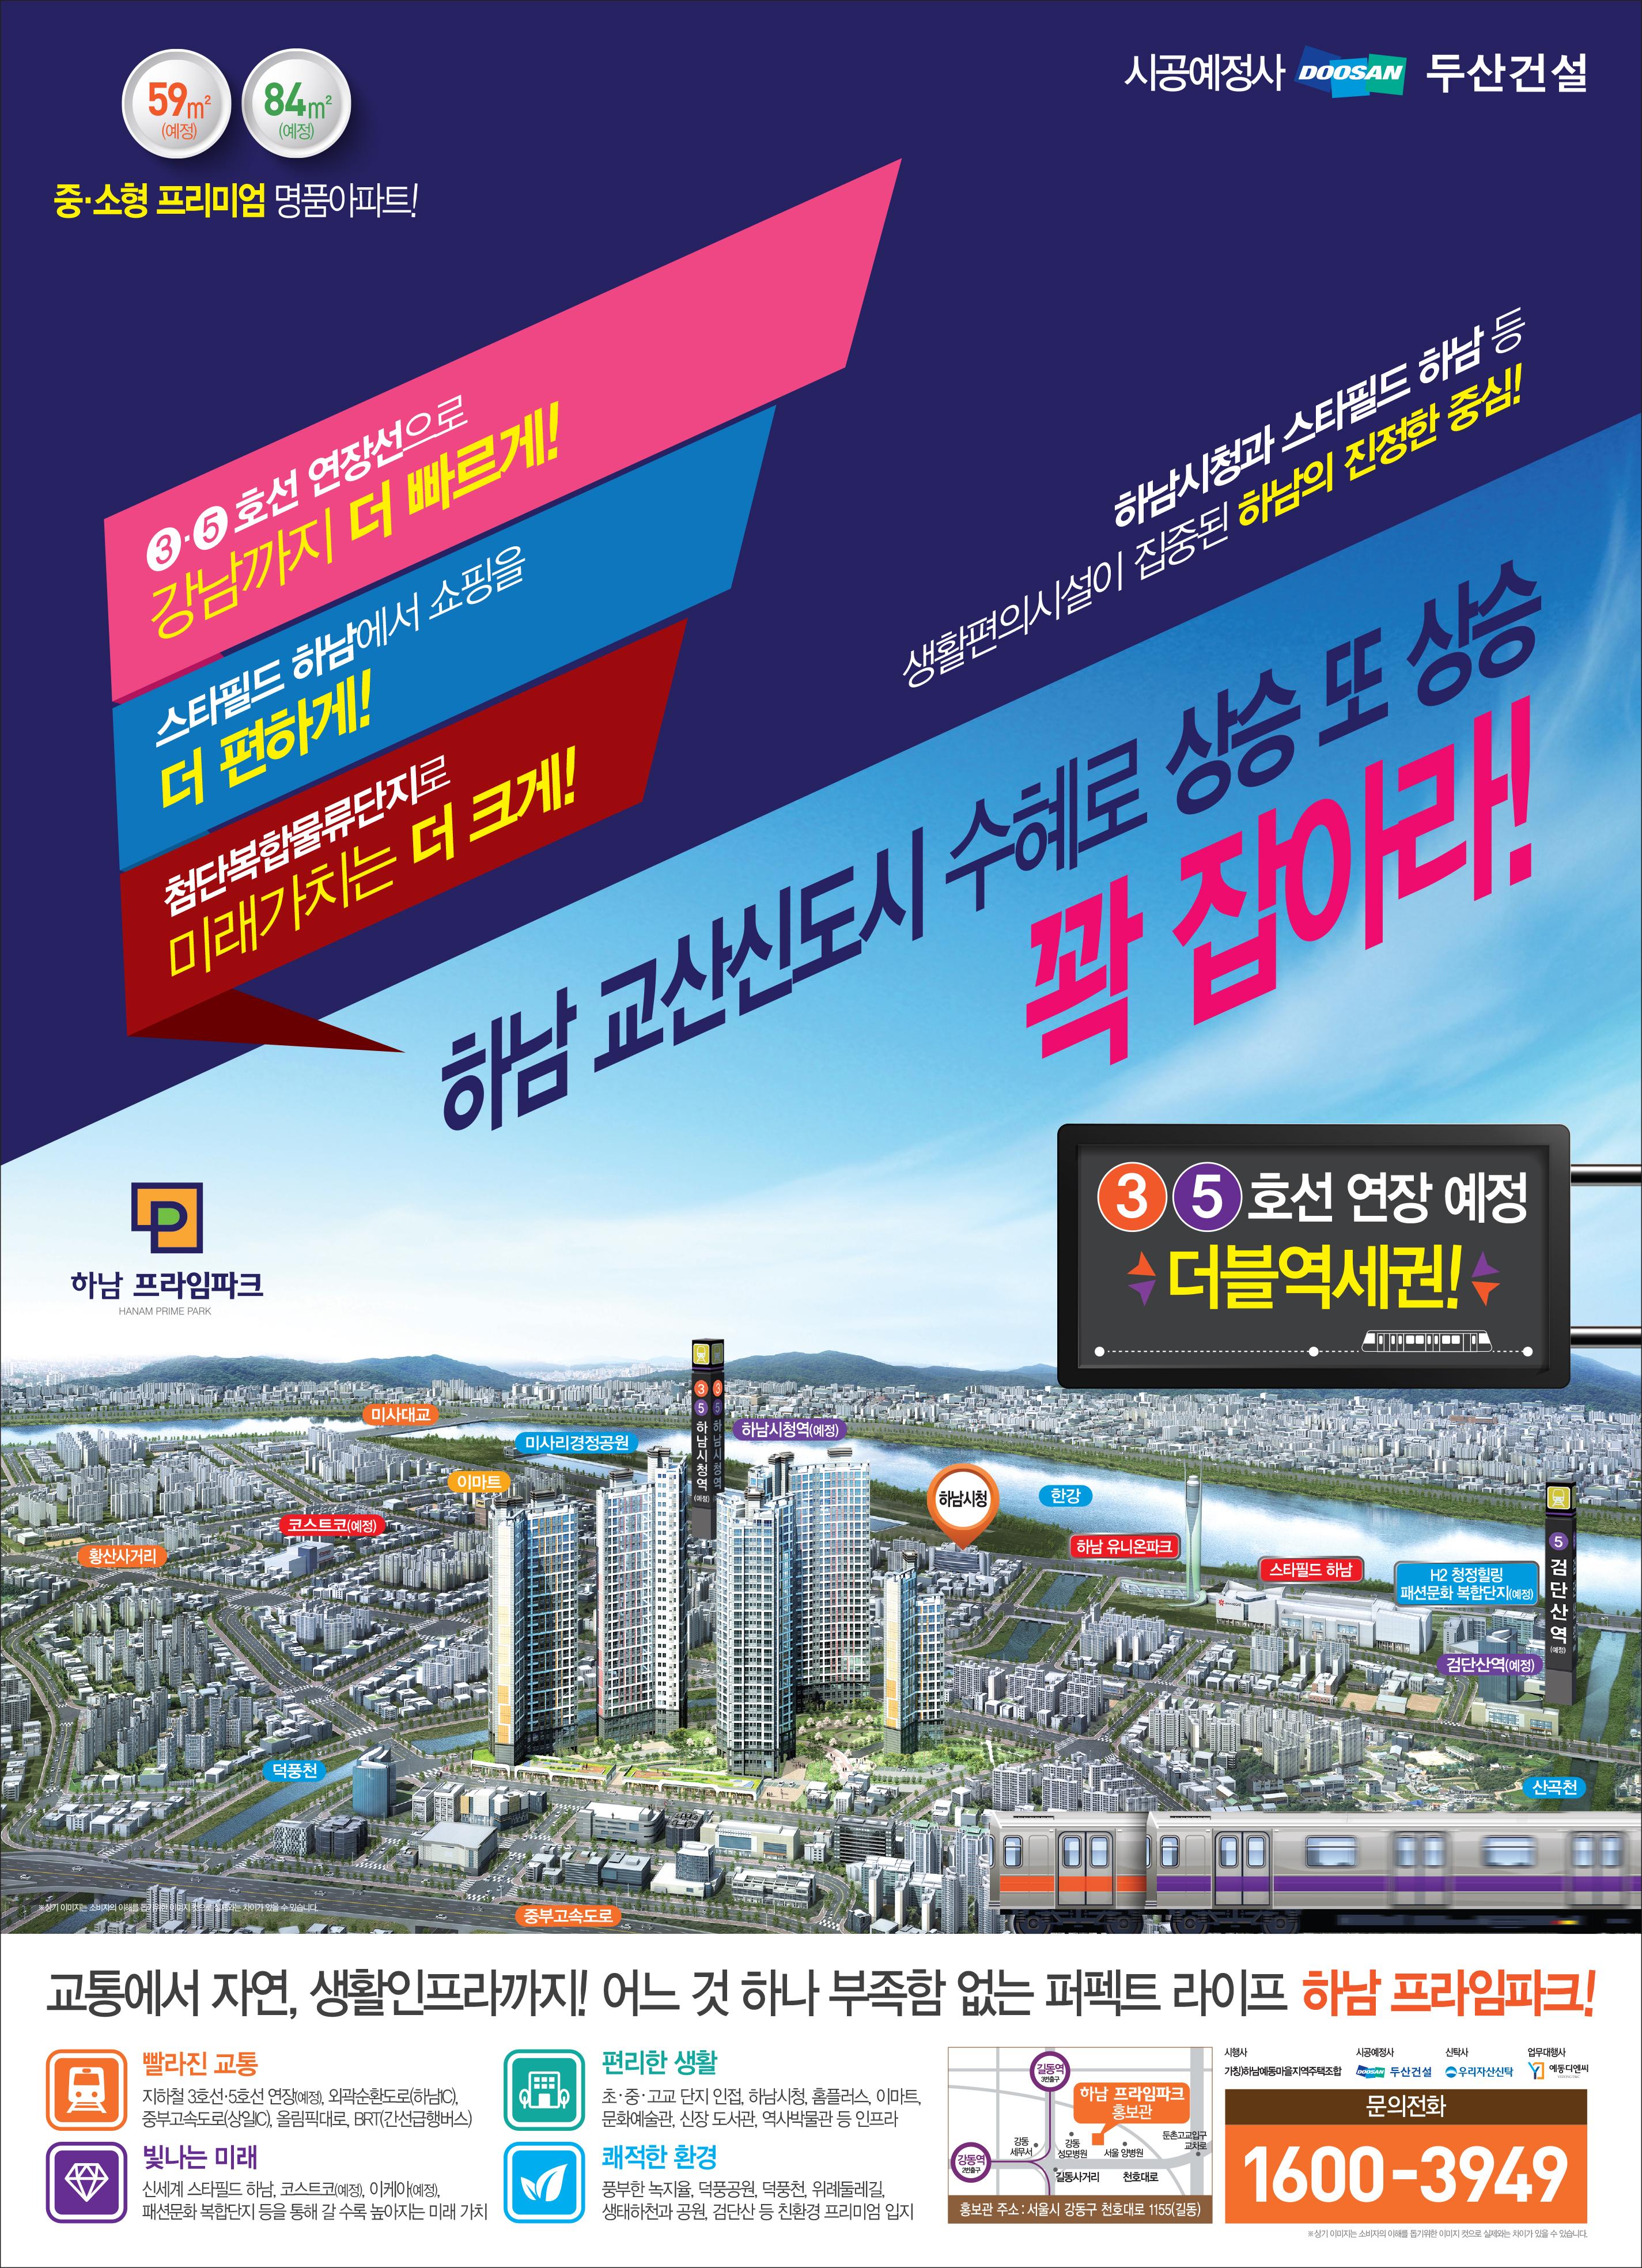 예동마을 '하남프라임파크' 분양 배너광고